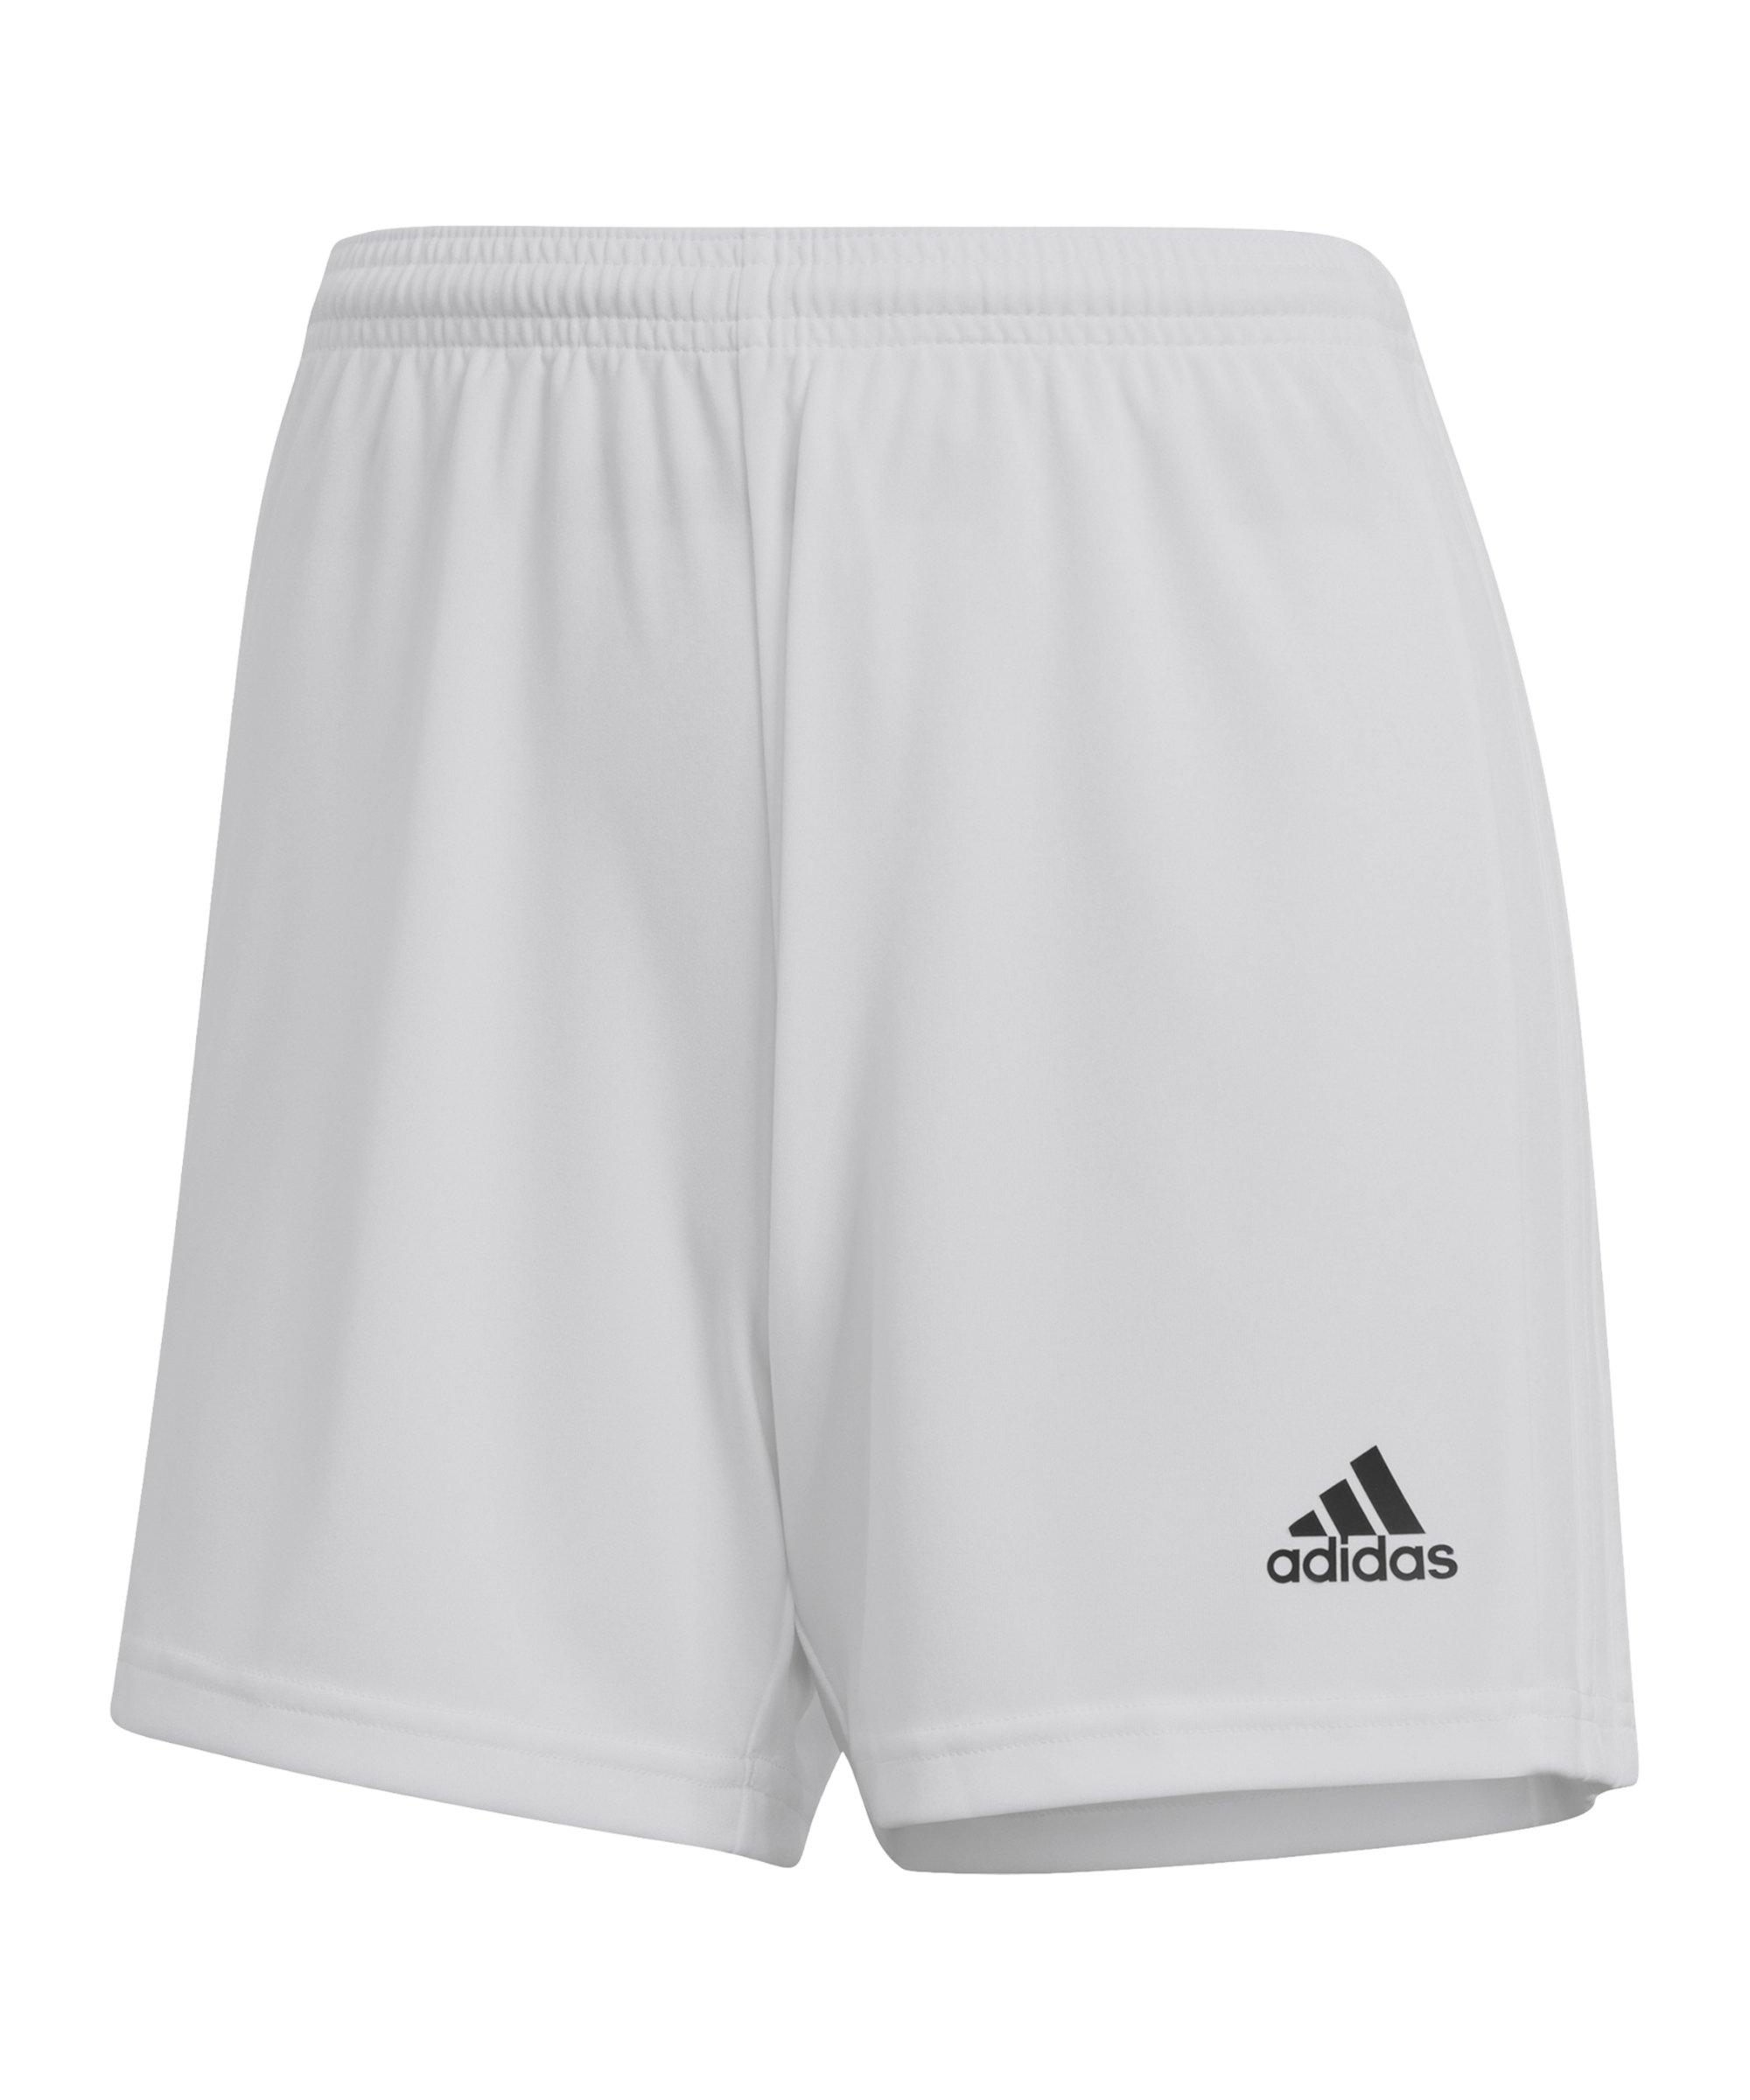 adidas Squadra 21 Short Damen Weiss - weiss